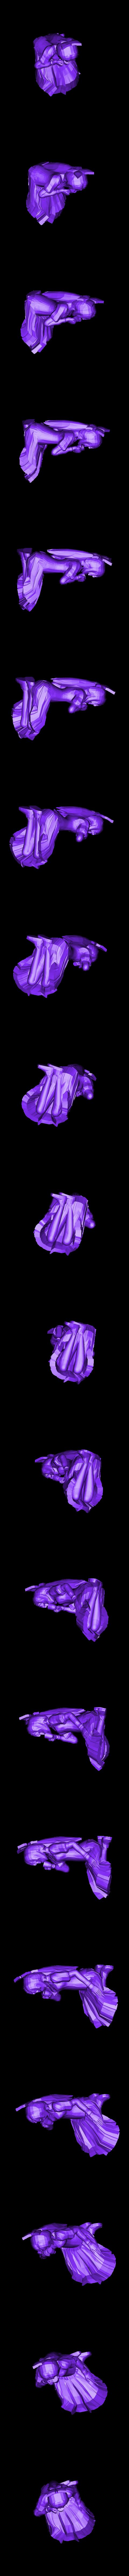 Lilly_drinking_tea.stl Télécharger fichier STL gratuit Routes Katawa Shoujo • Modèle à imprimer en 3D, sh0rt_stak